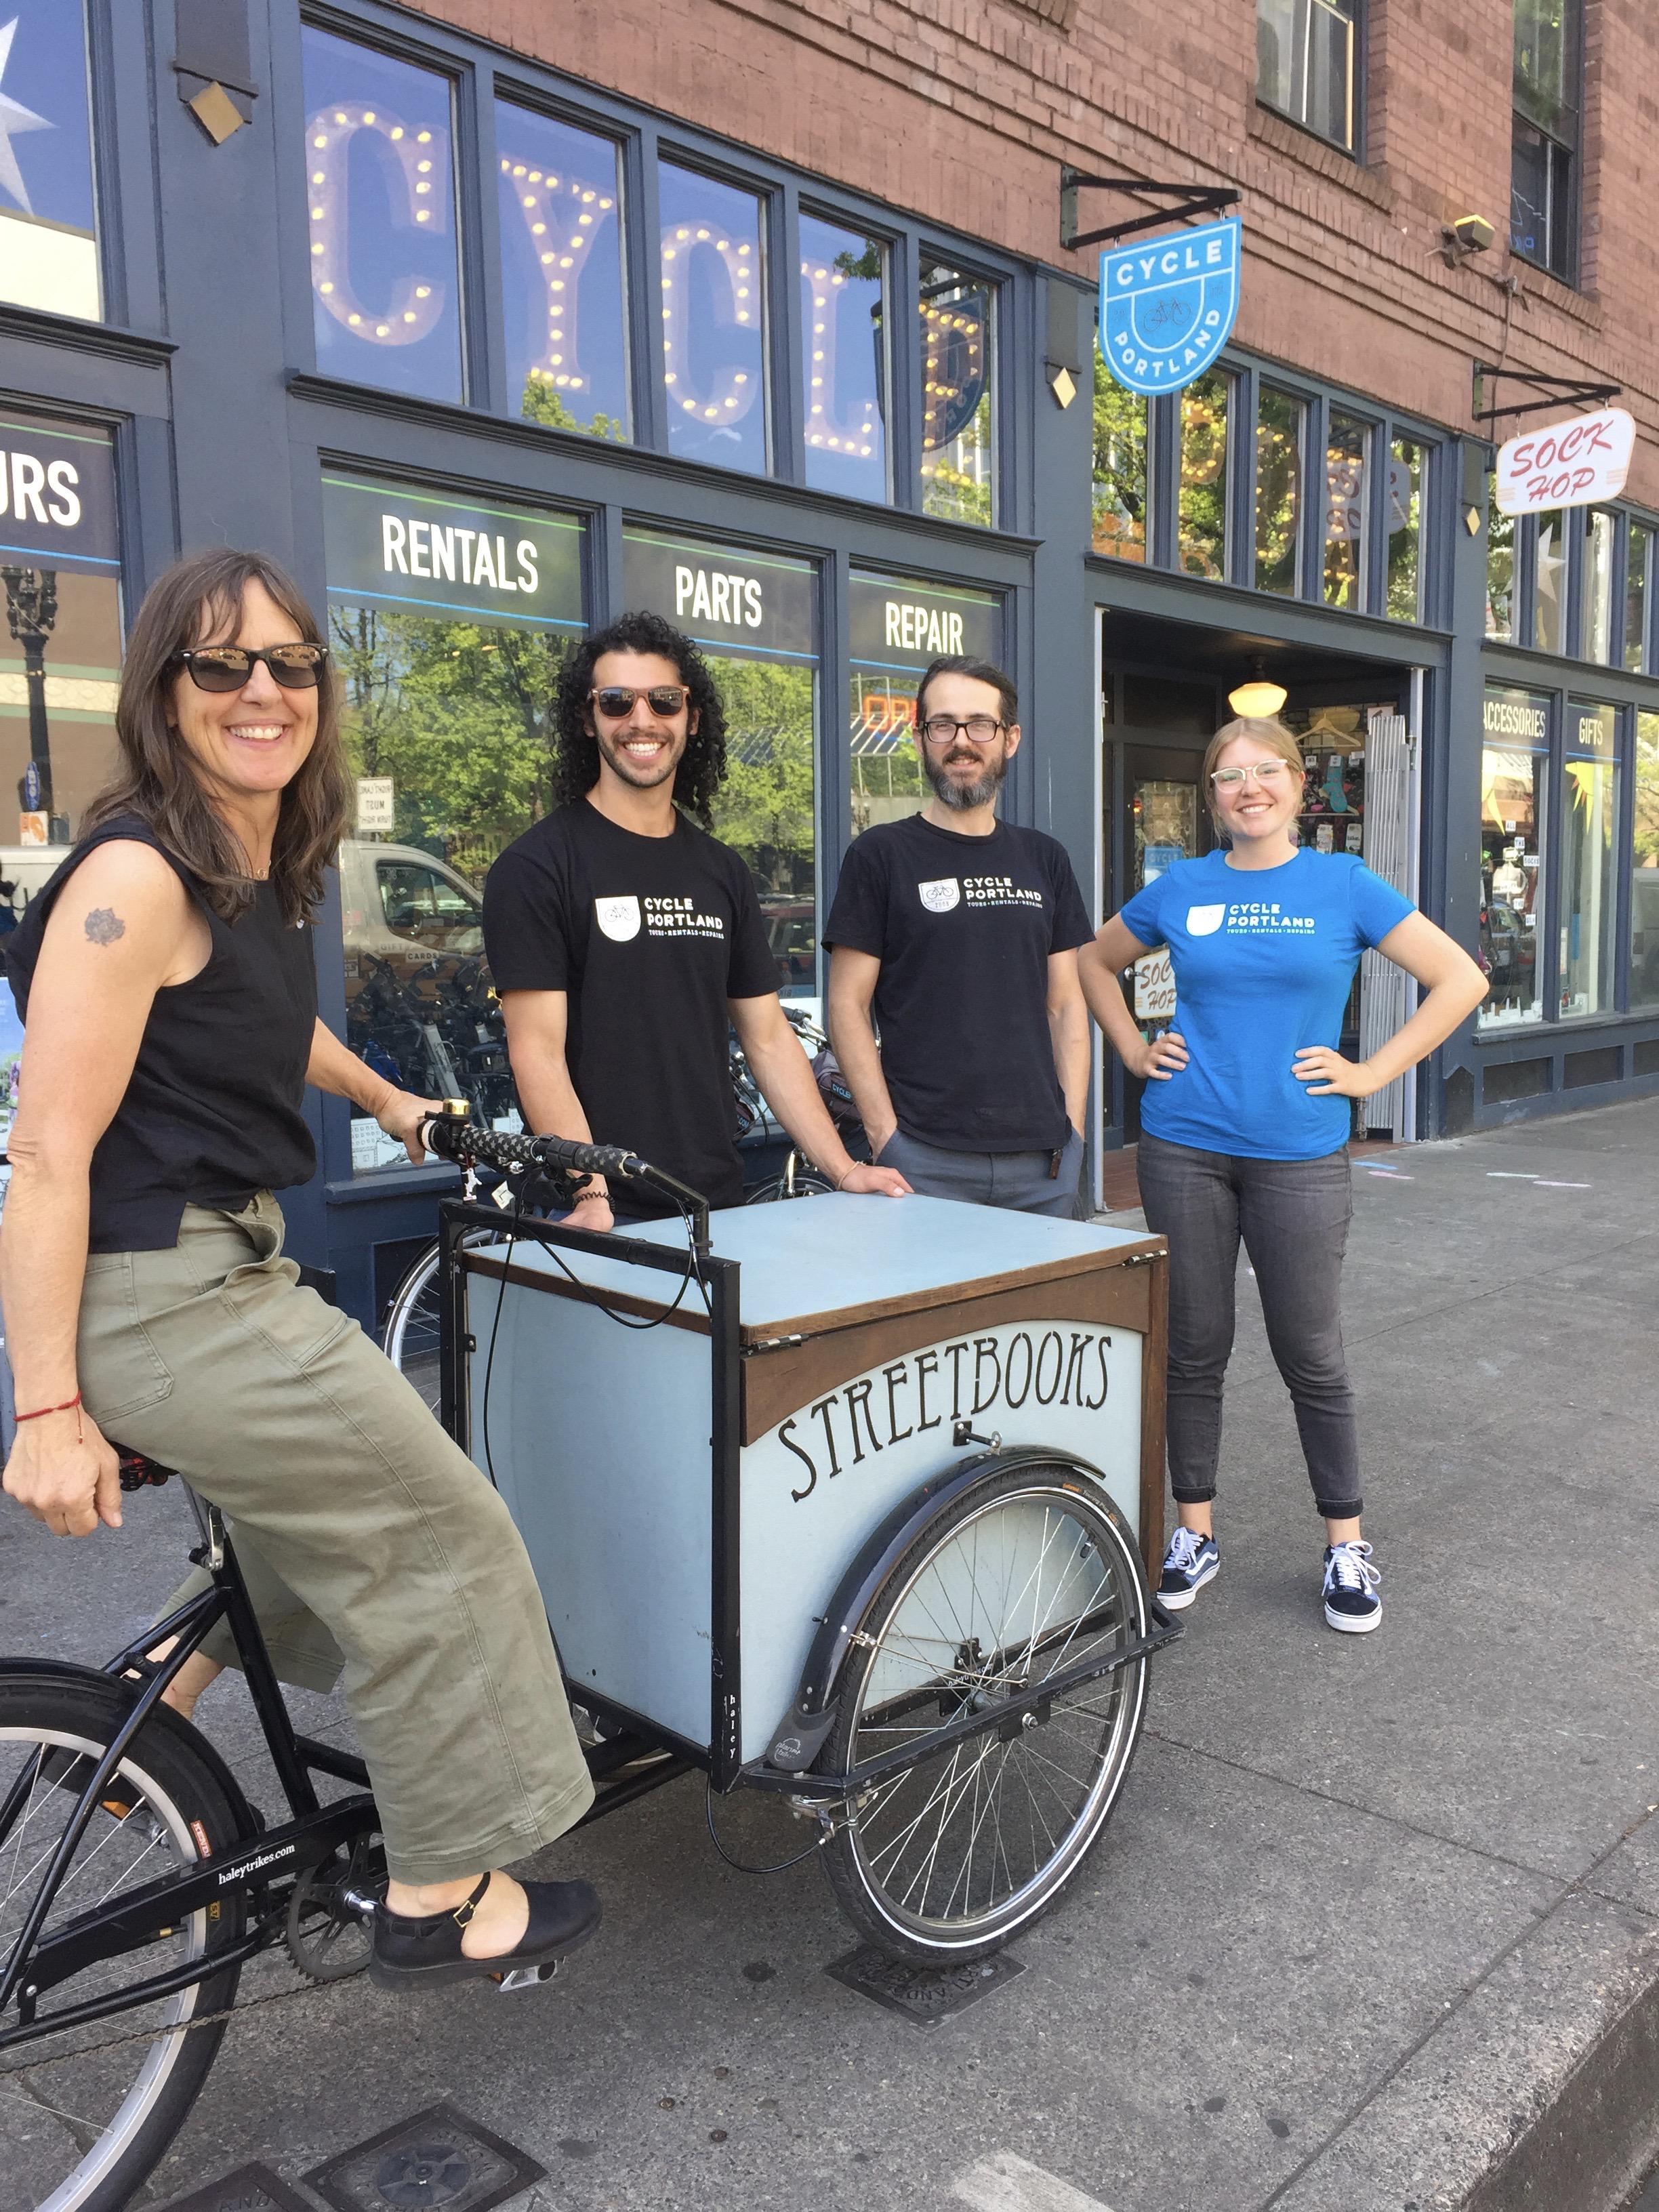 bike_diana_cycle portland pic.jpg